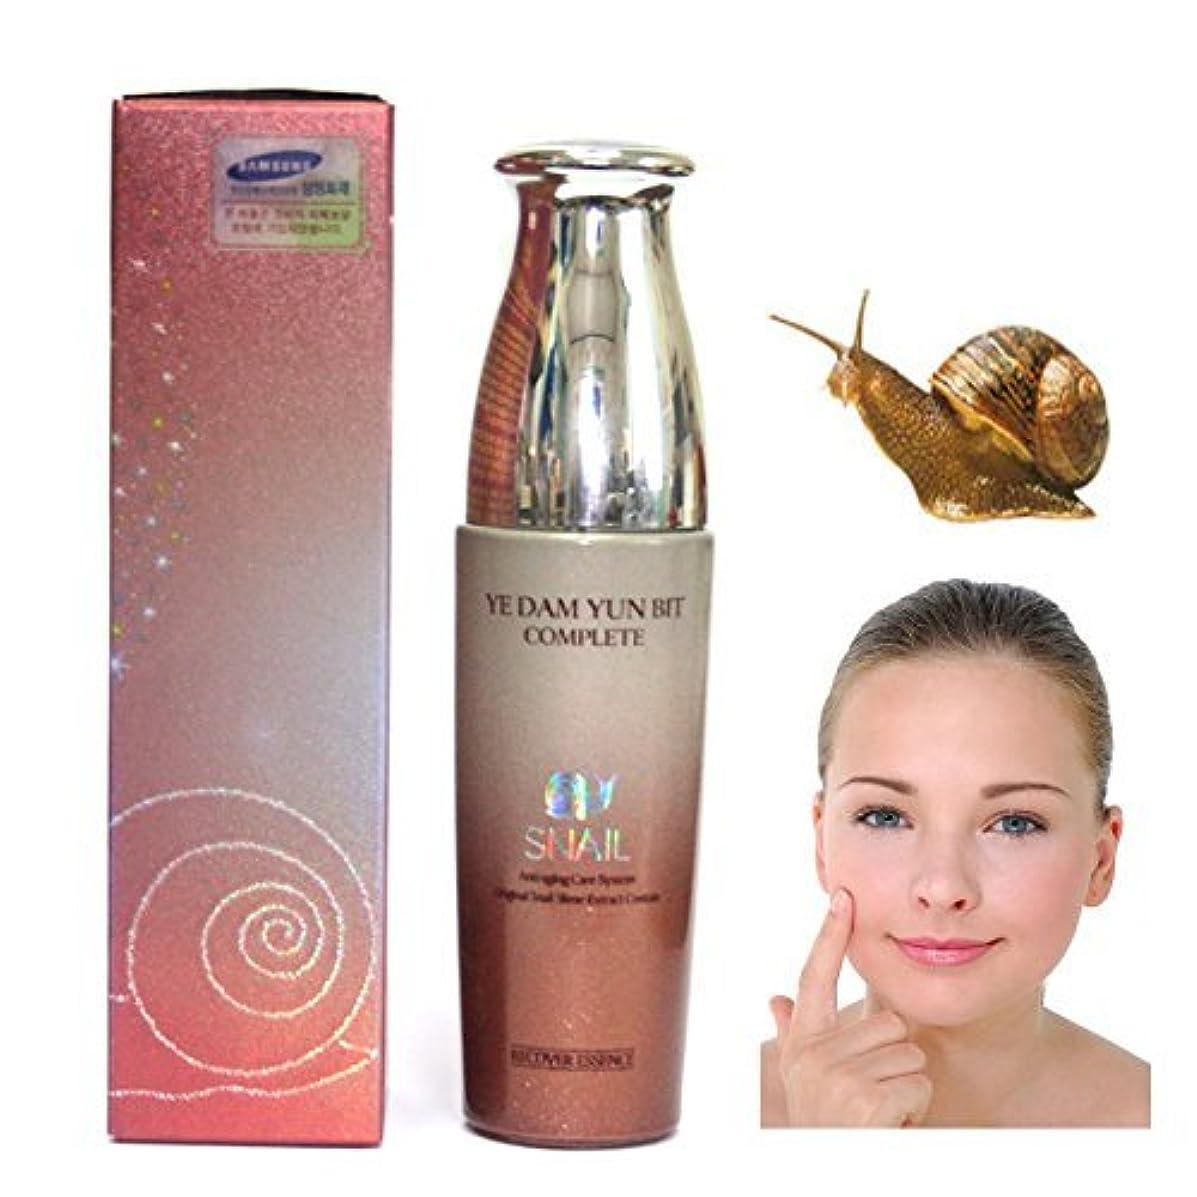 ナビゲーションバスルームより良い[YEDAM YUN BIT] 完璧なスキンカタツムリ女エッセンス50ml/COMPLETE SKIN Snail Woman Essence 50ml/韓国化粧品/Korean cosmetics [並行輸入品]